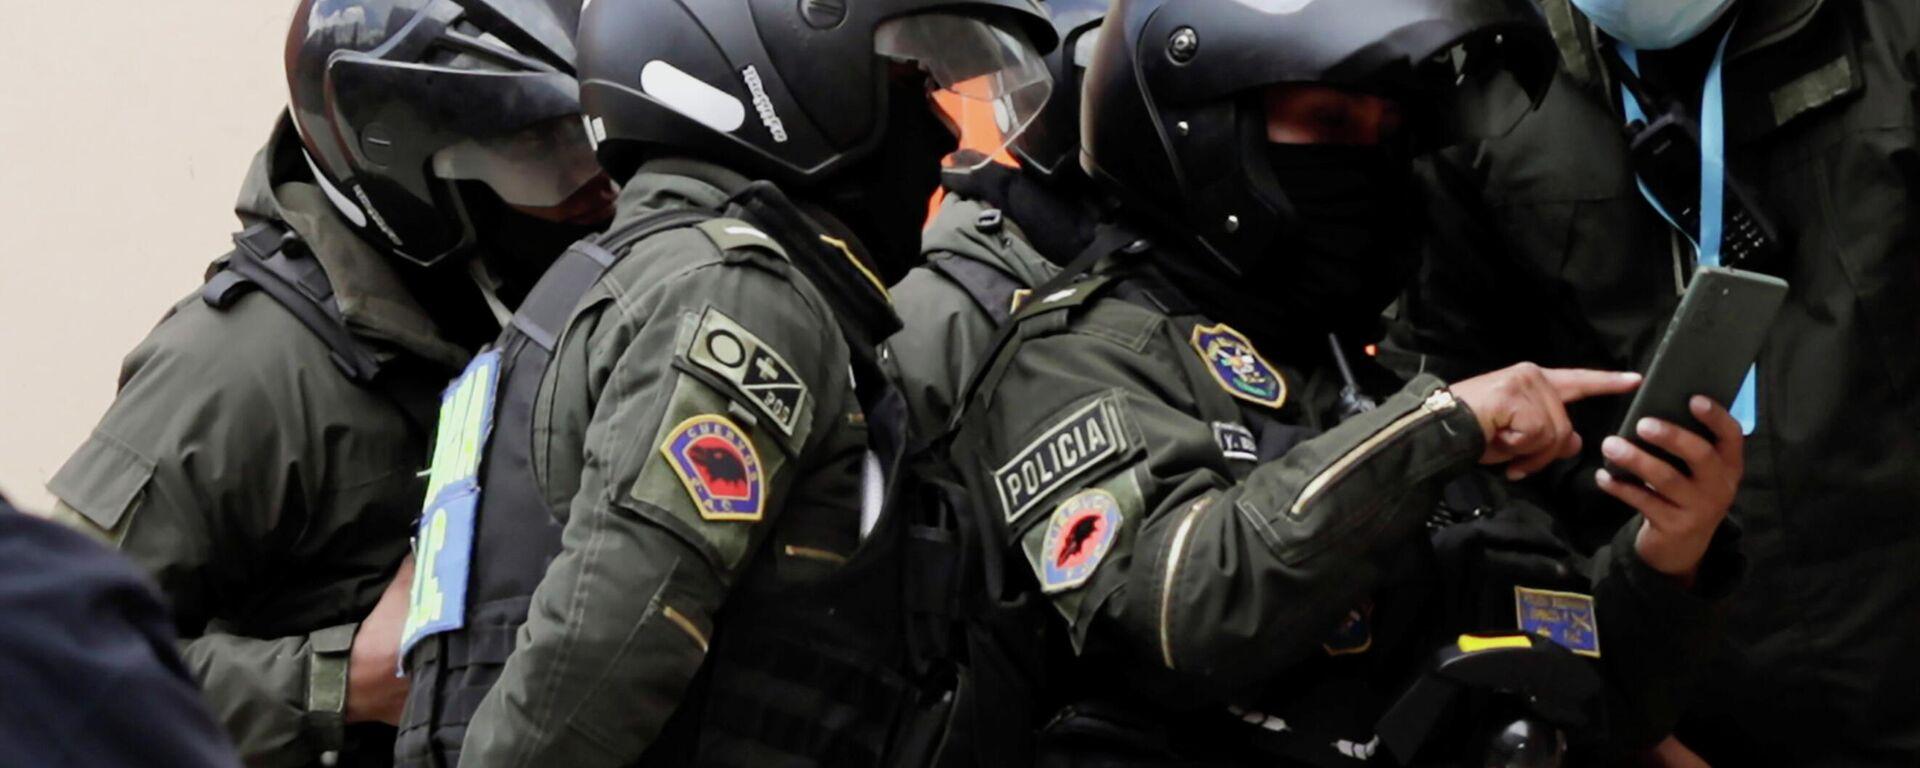 Policías de Bolivia analizan un teléfono celular tras la tragedia en la Universidad Pública de El Alto - Sputnik Mundo, 1920, 03.03.2021